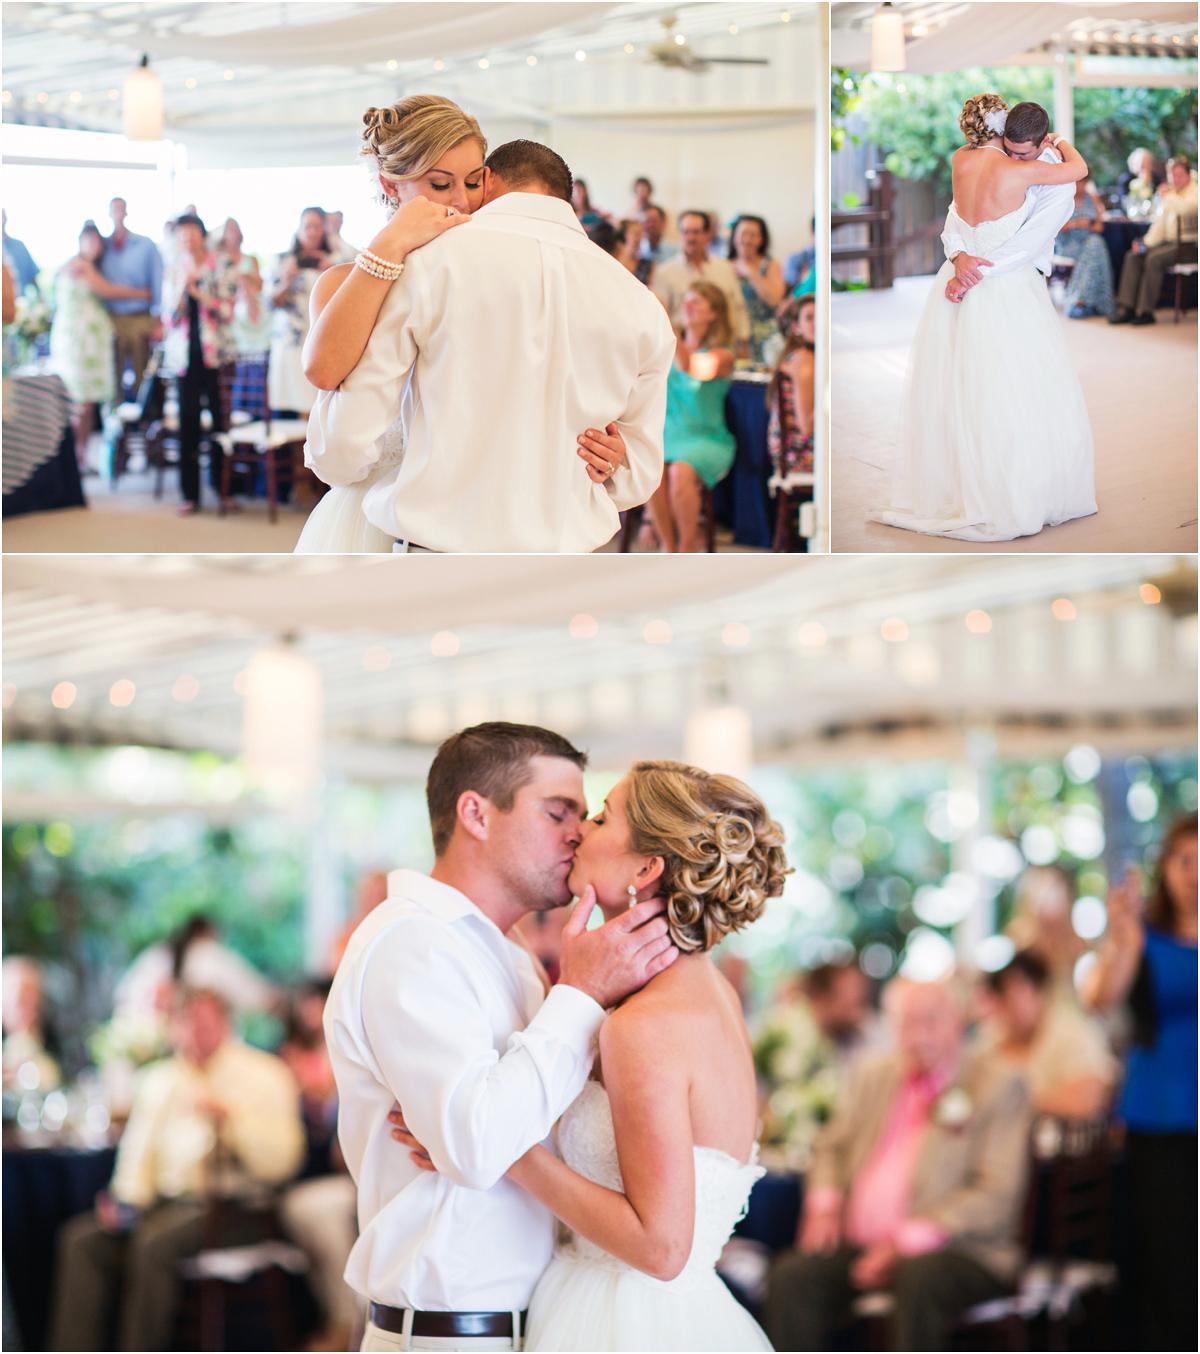 Singer_Island_wedding_hilton_37